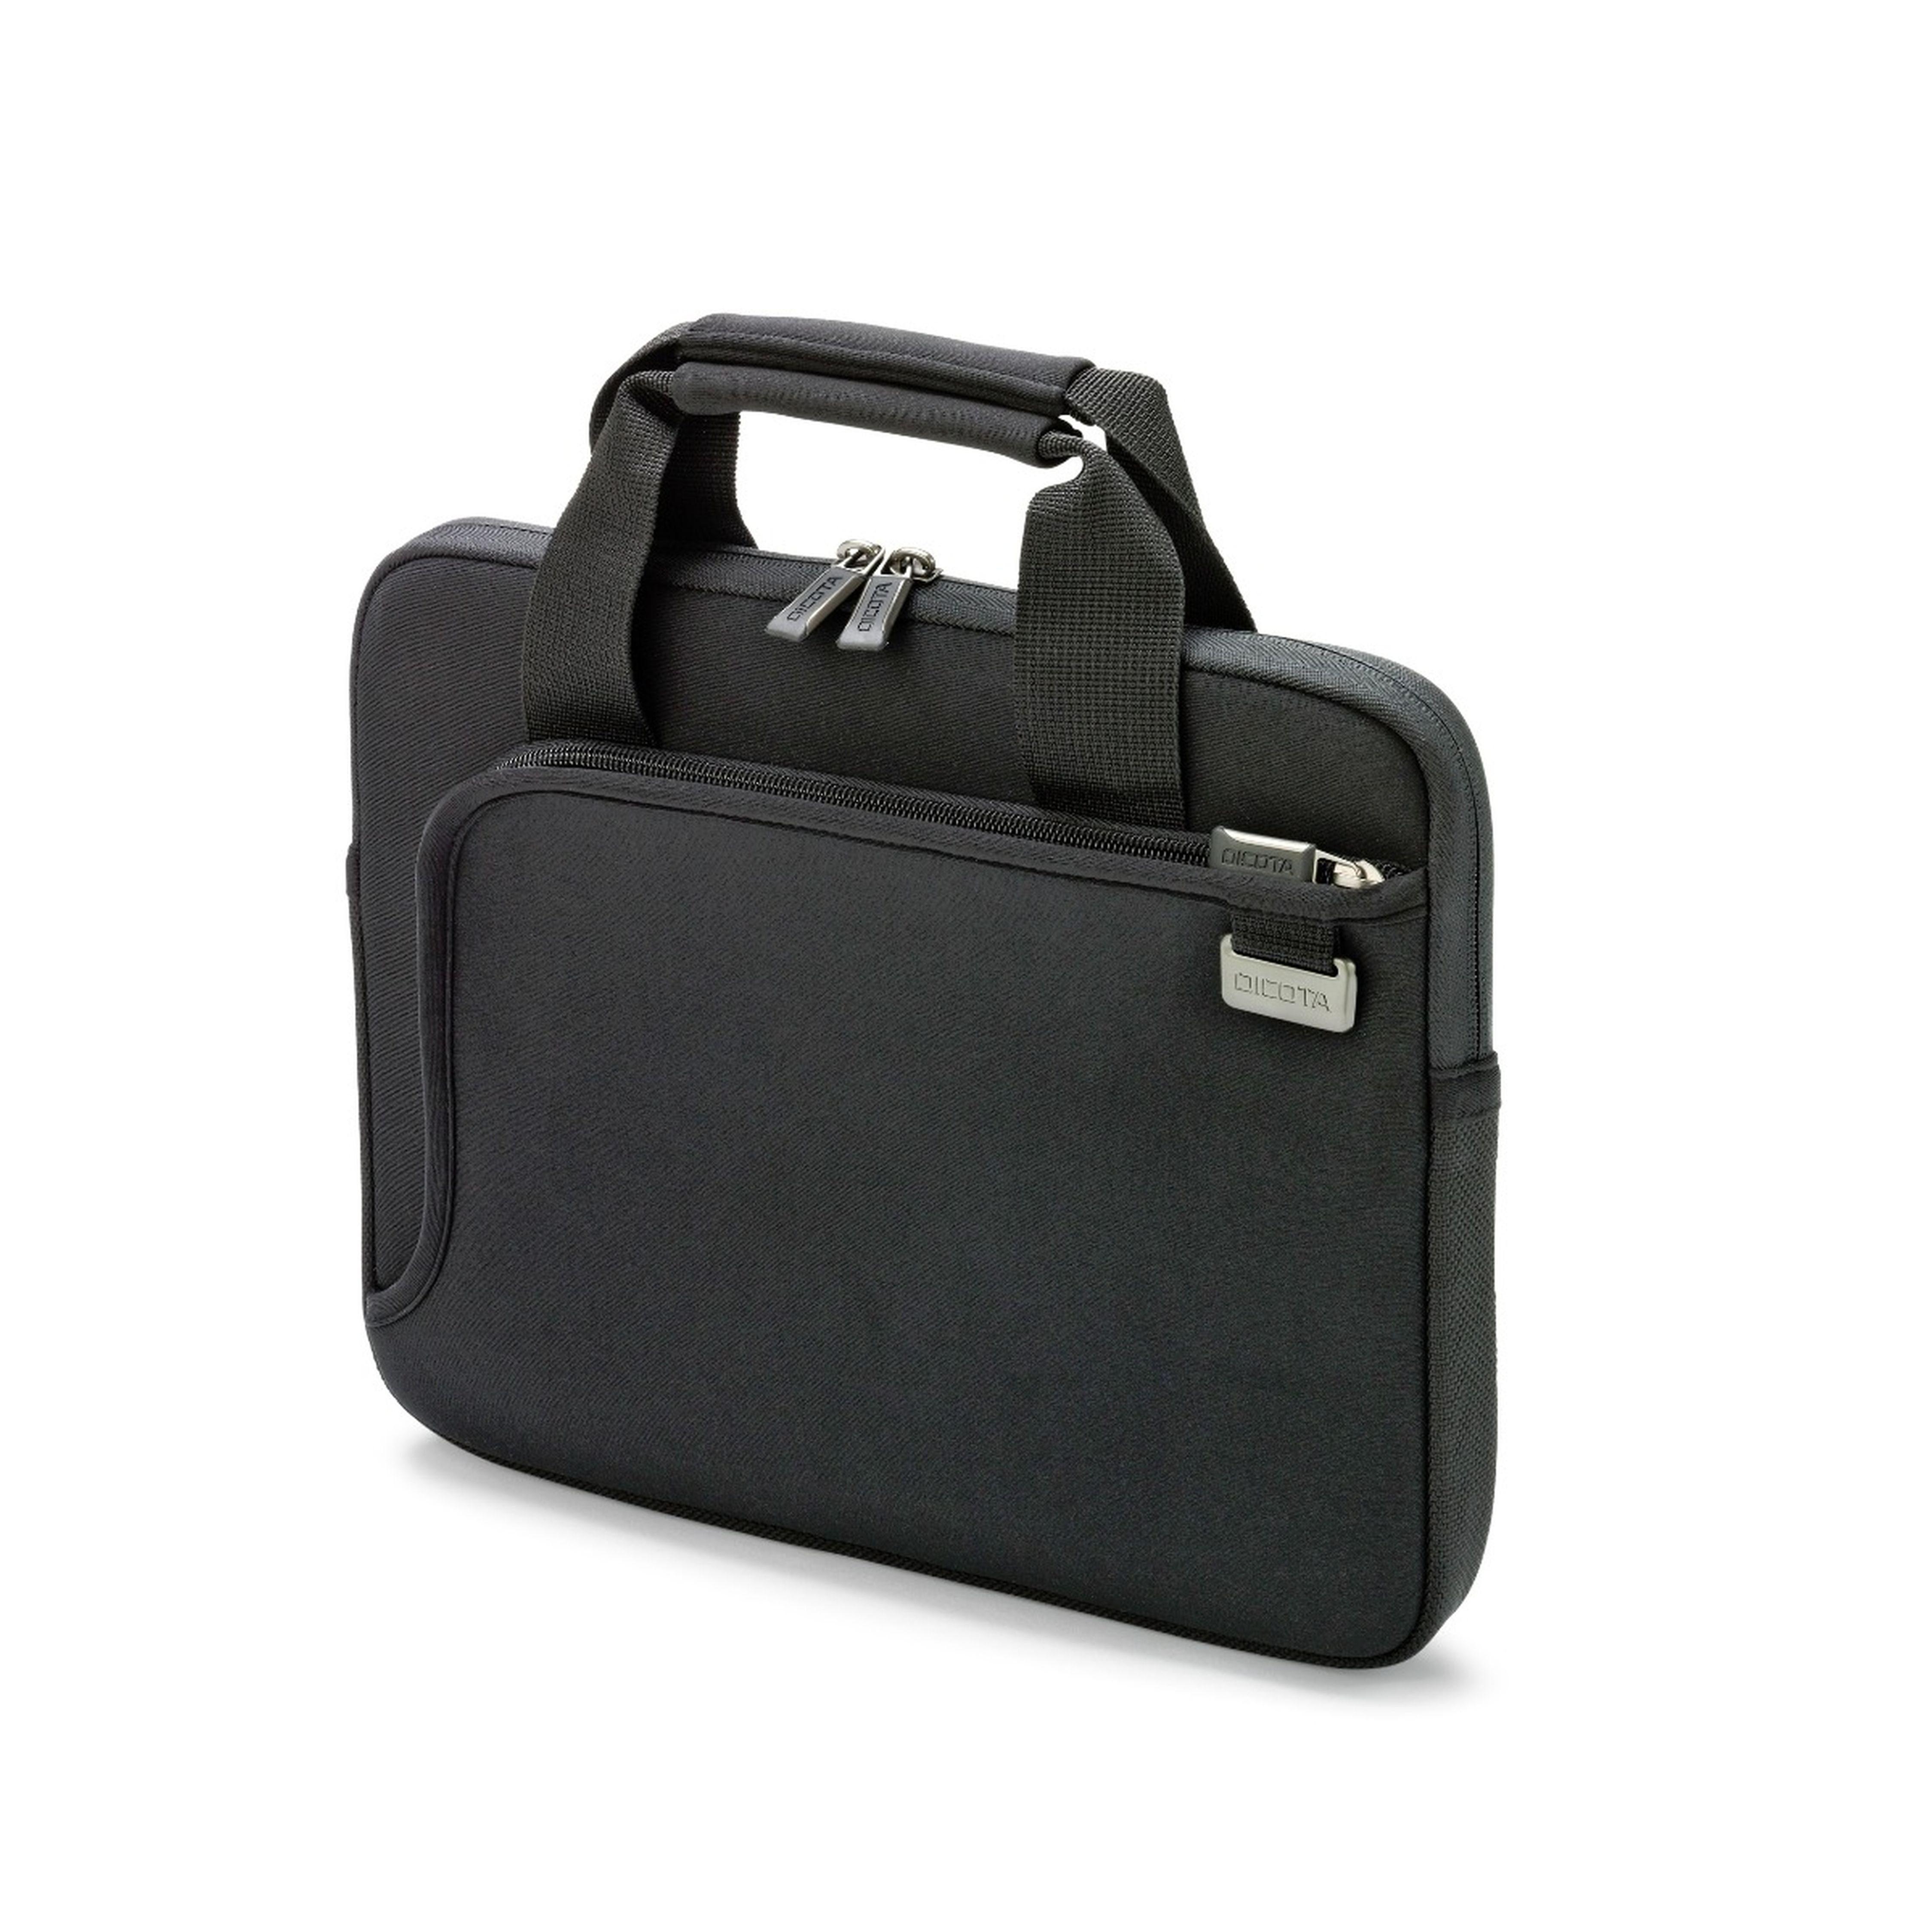 DICOTA Neopren Notebooktasche »SmartSkin 16-17.3 (D30403)«